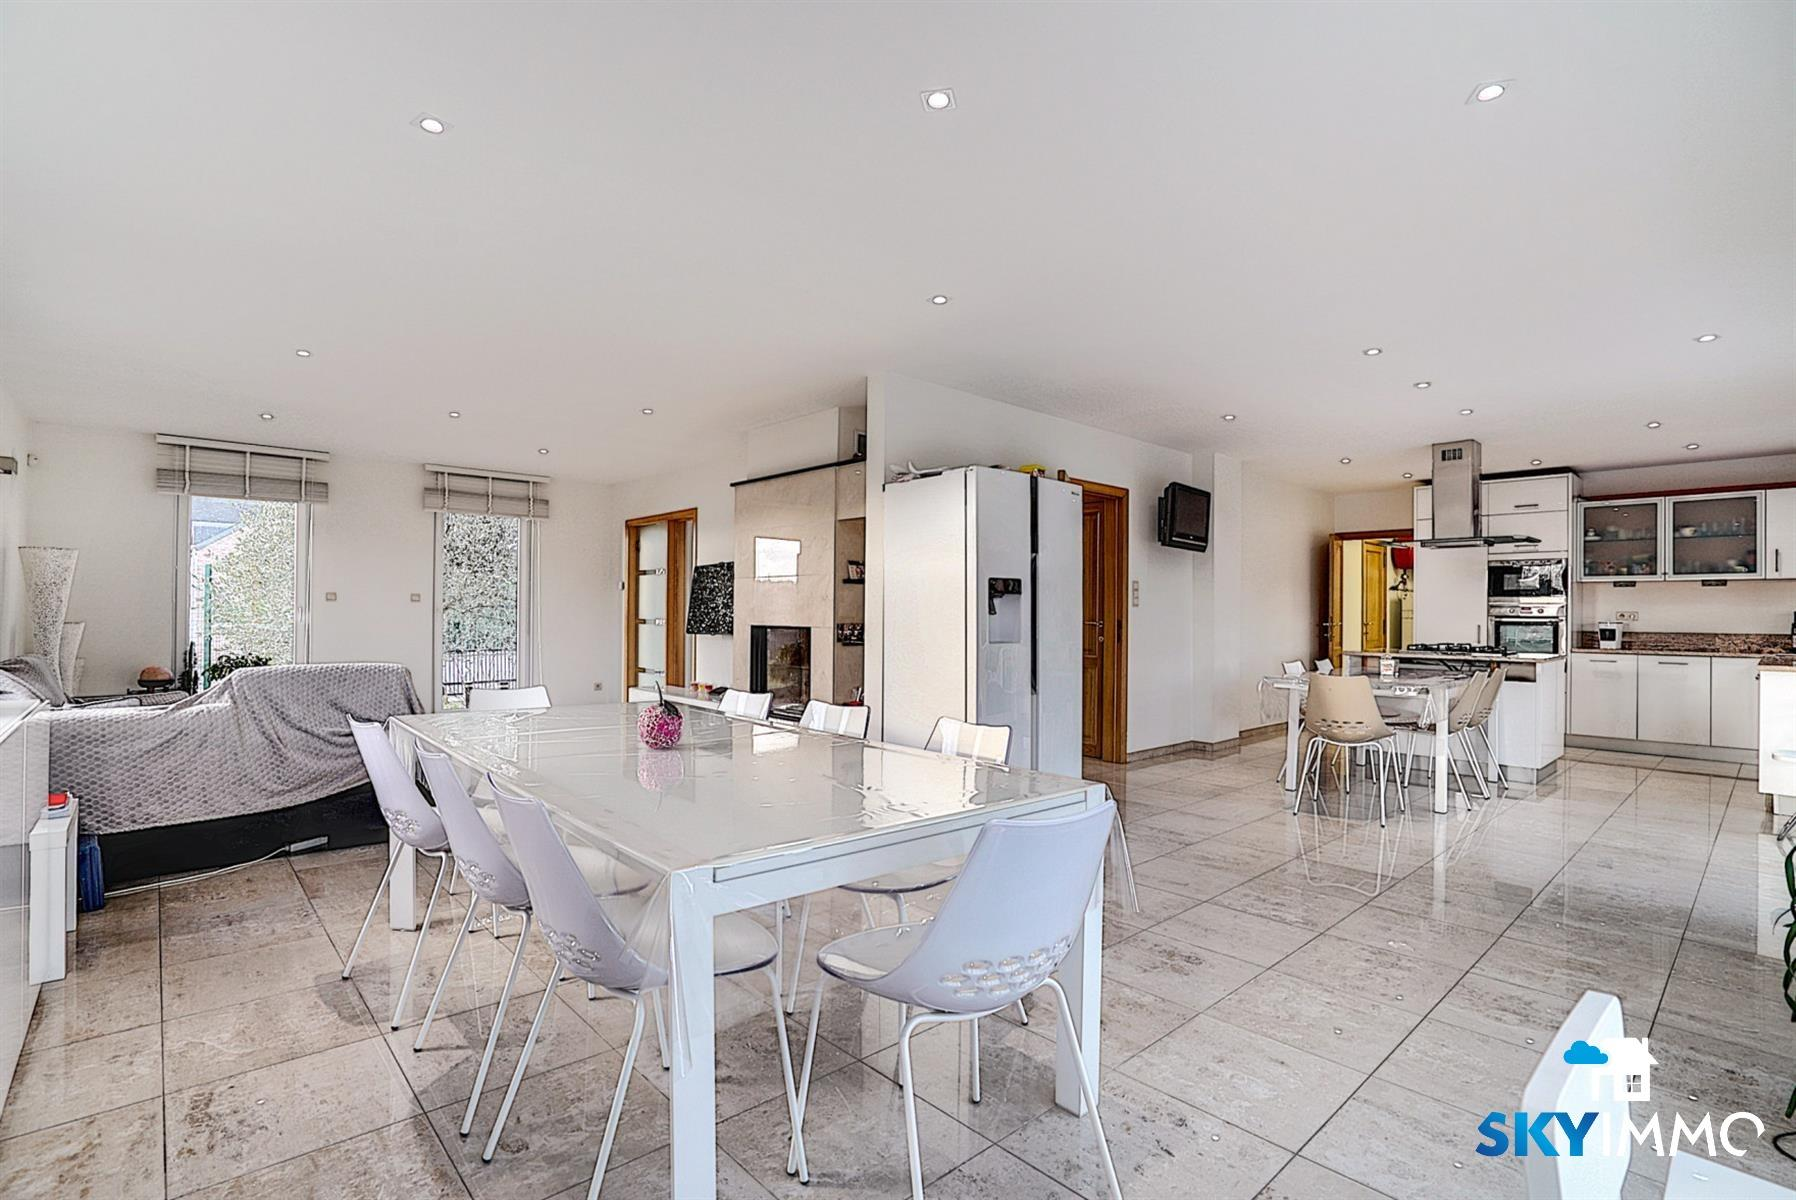 Huis - Boncelles - #4252860-7